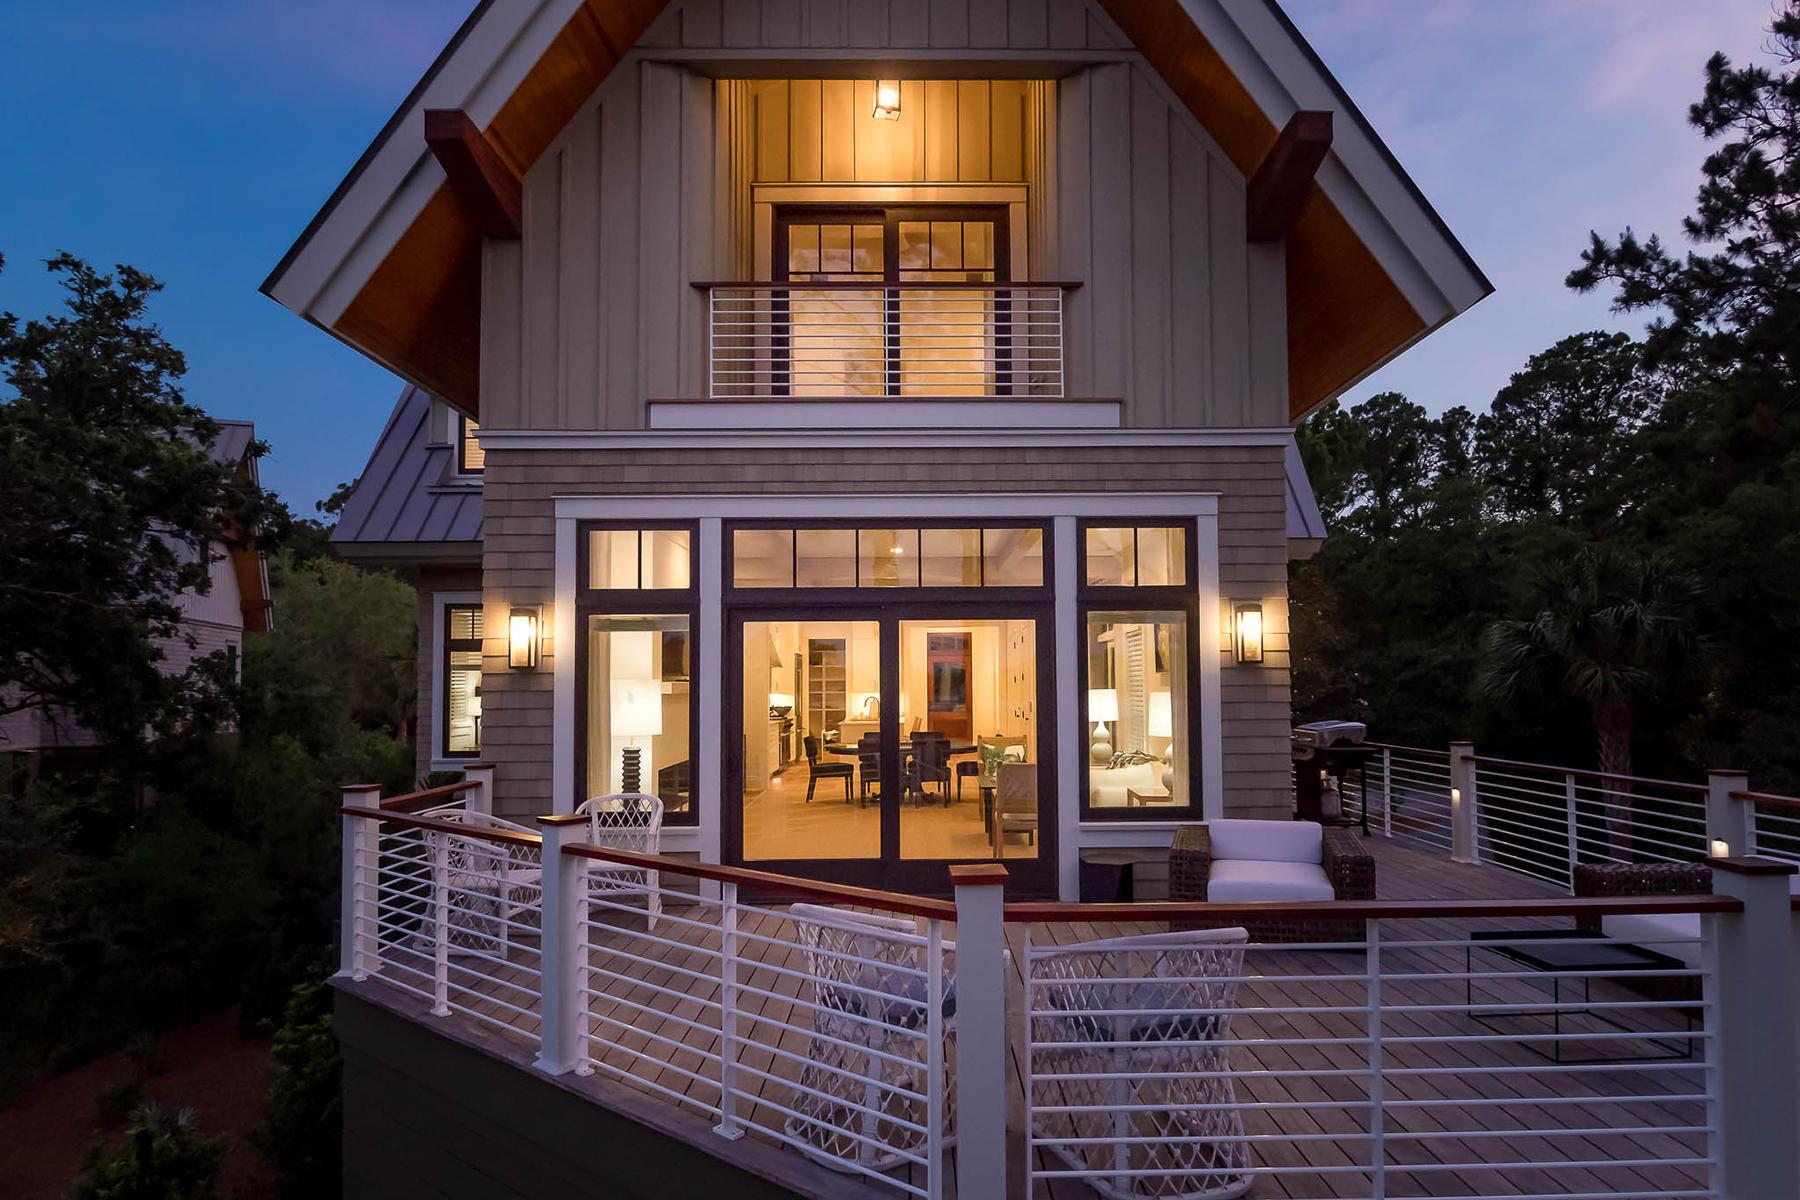 Kiawah Island Homes For Sale - 115 Halona, Kiawah Island, SC - 7